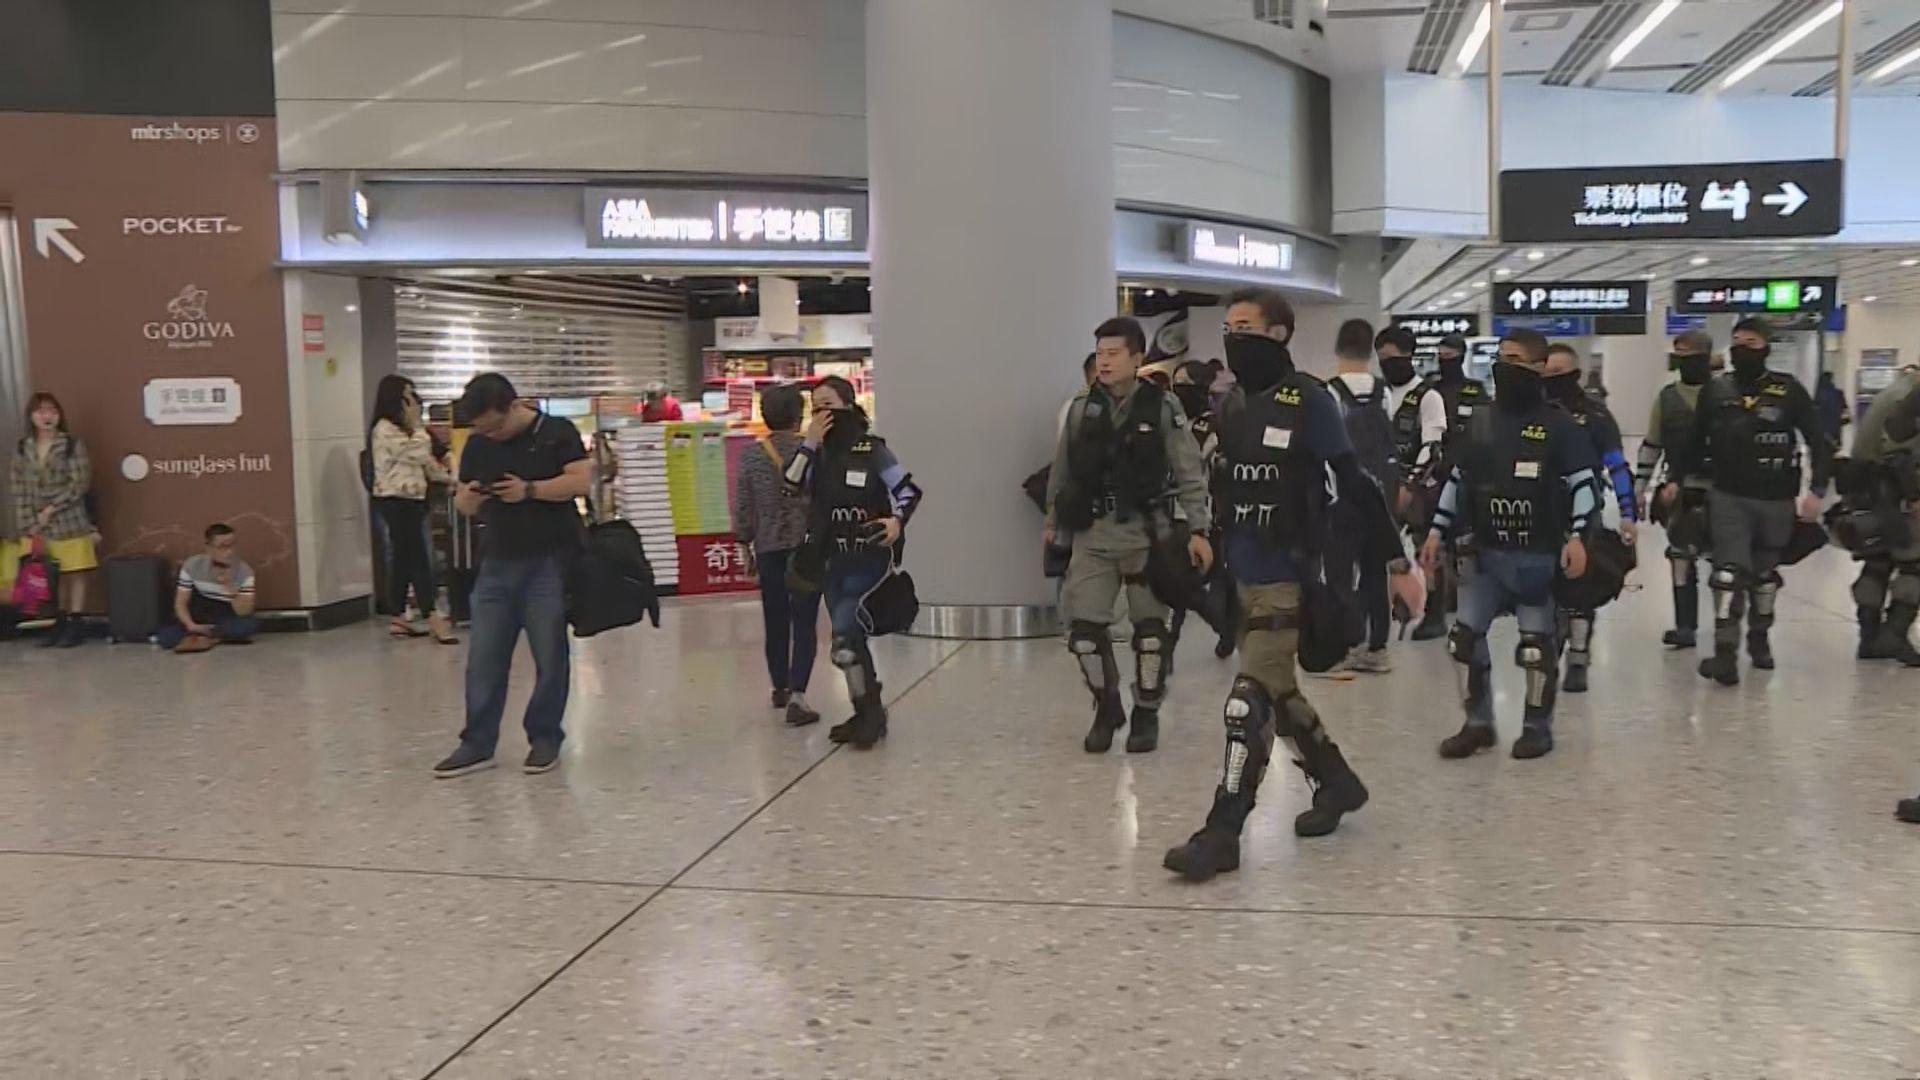 民陣尖沙咀遊行遭反對 警方於附近布防